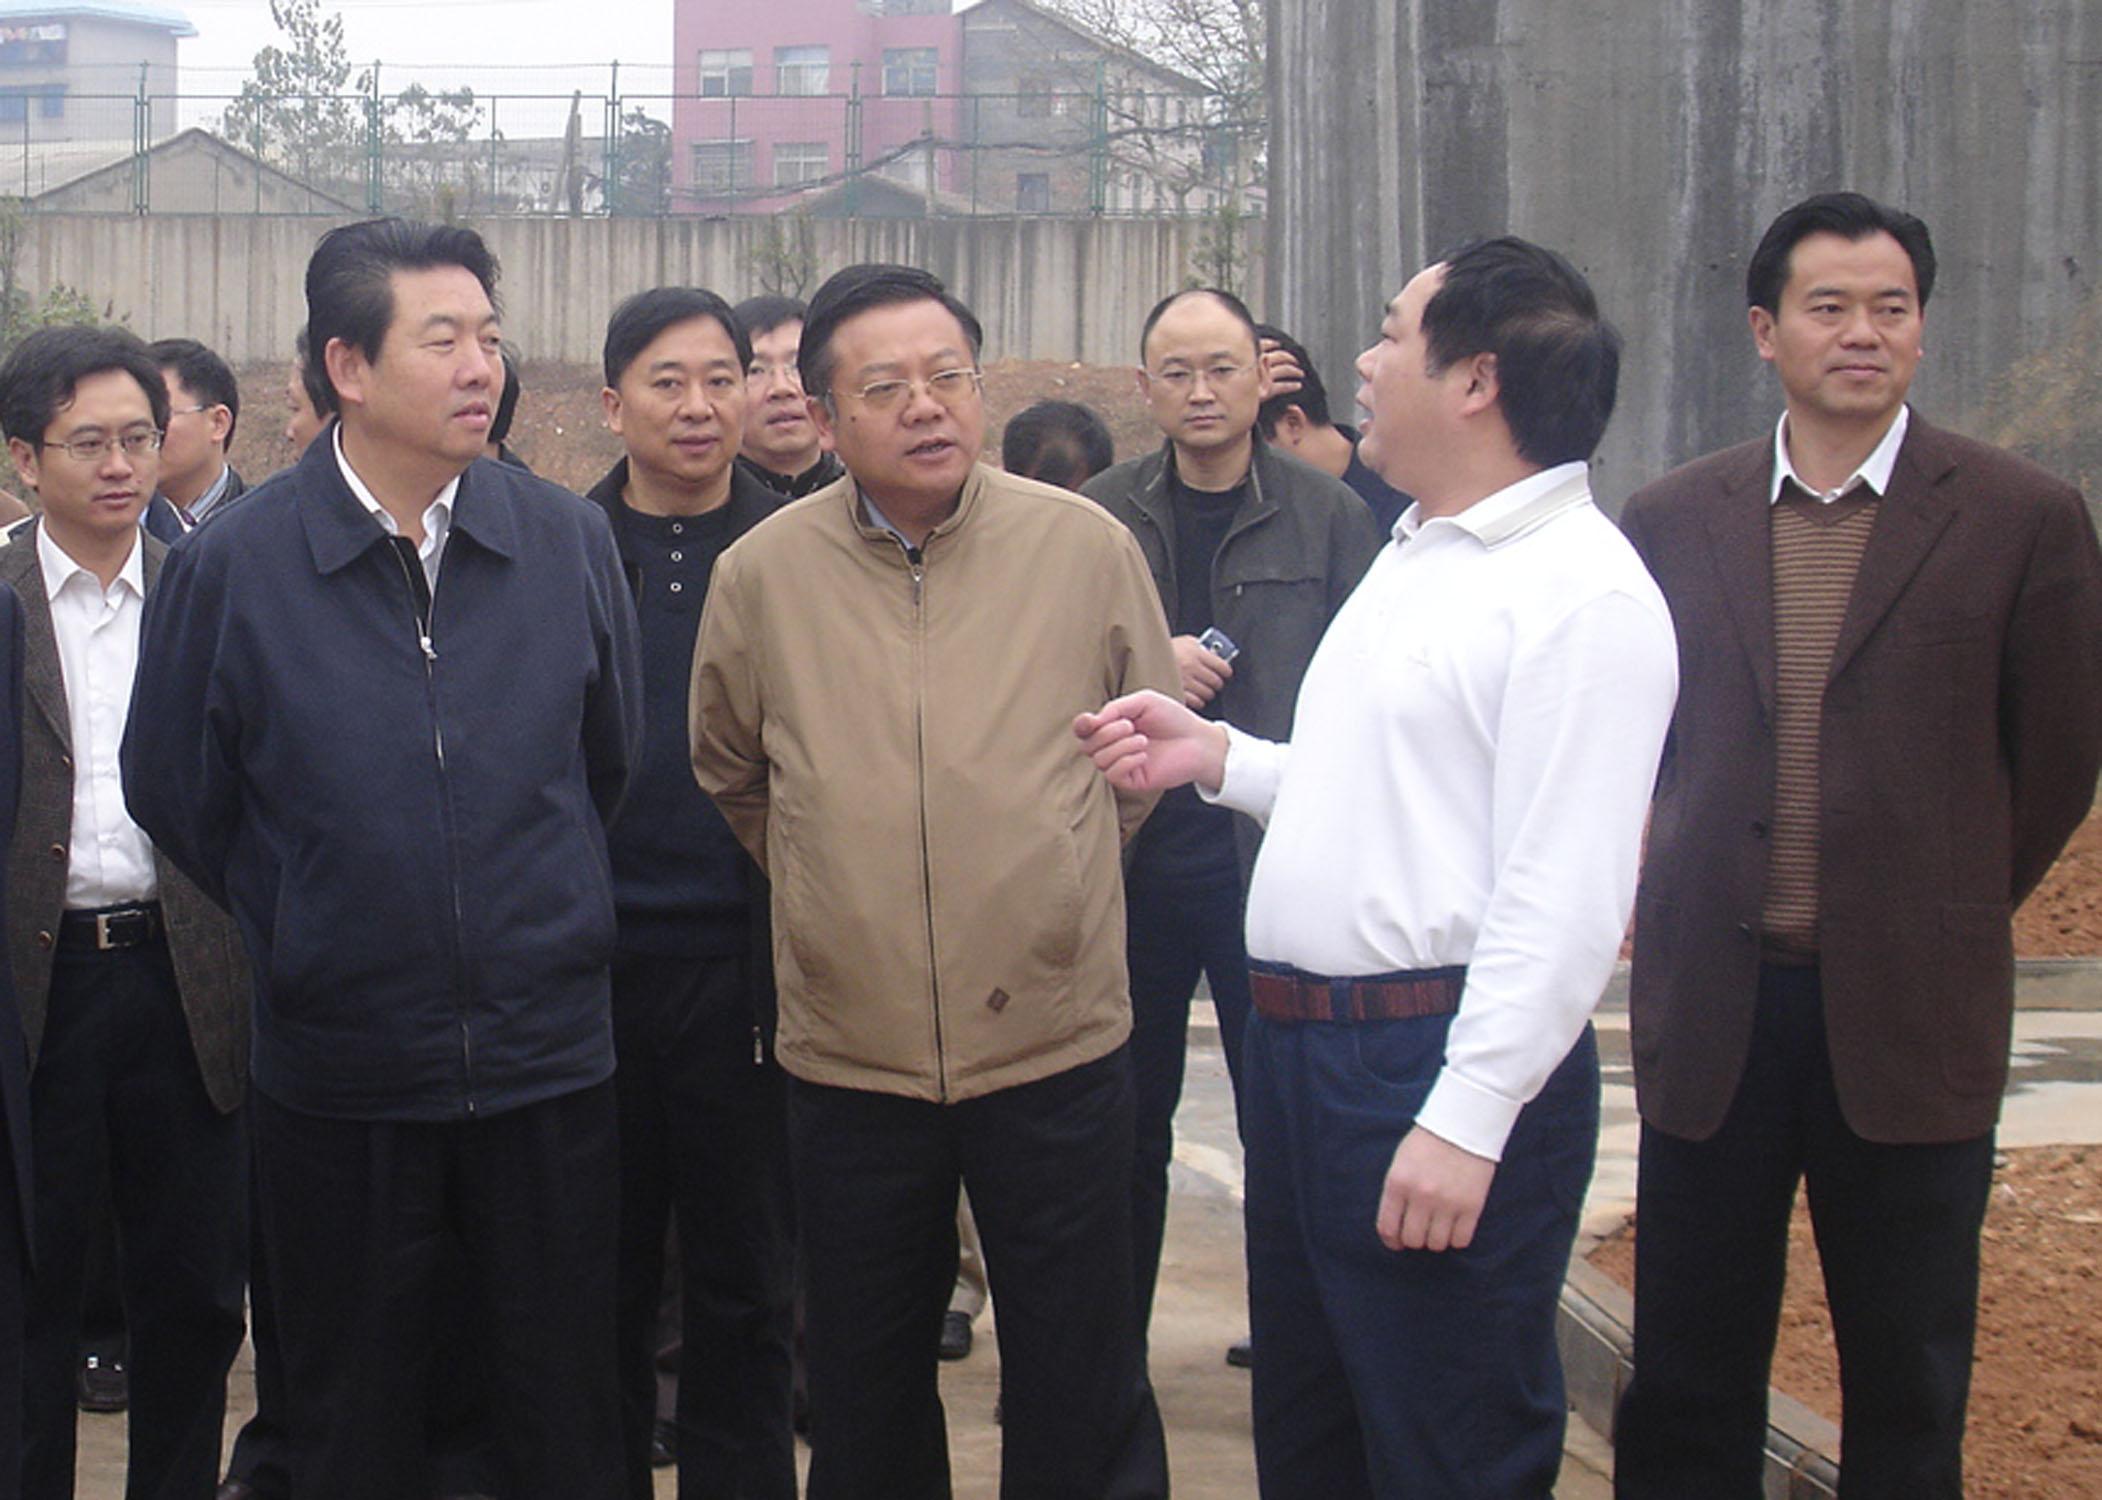 2008年11月省人大常委副主任,時任省發改委主任蔣作斌蒞臨公司調研污水處理工作.jpg